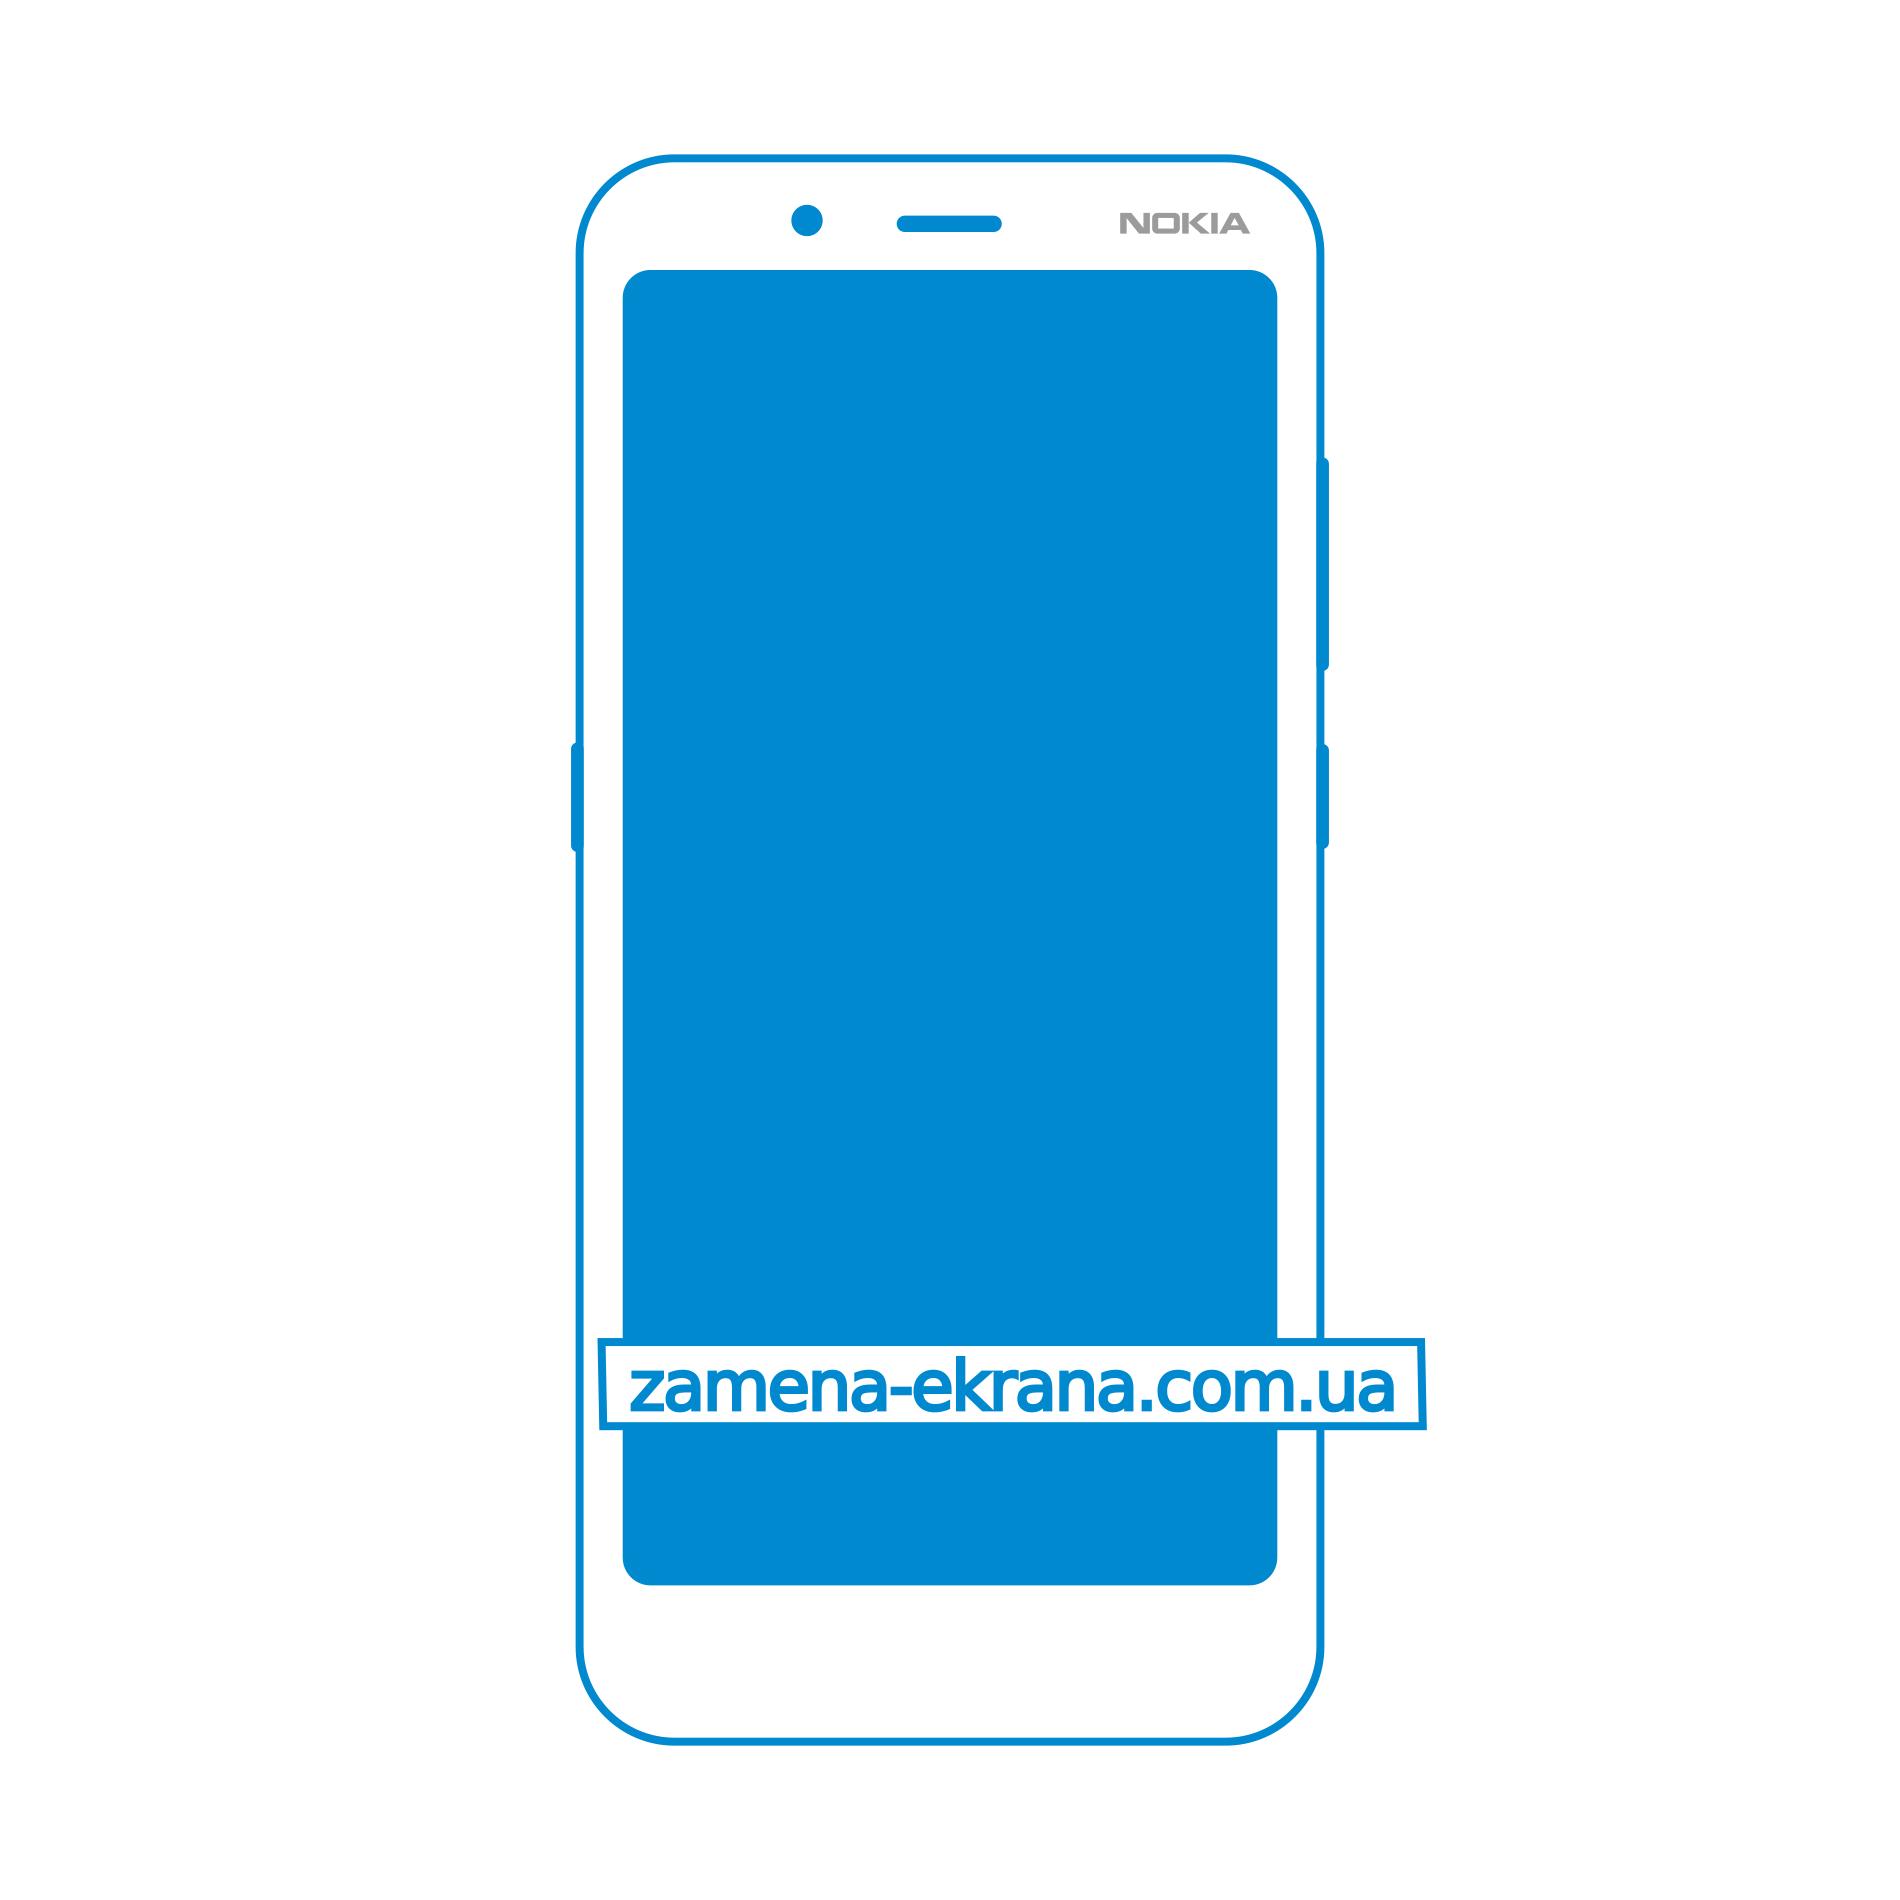 экран для замены Nokia C2 Tennen